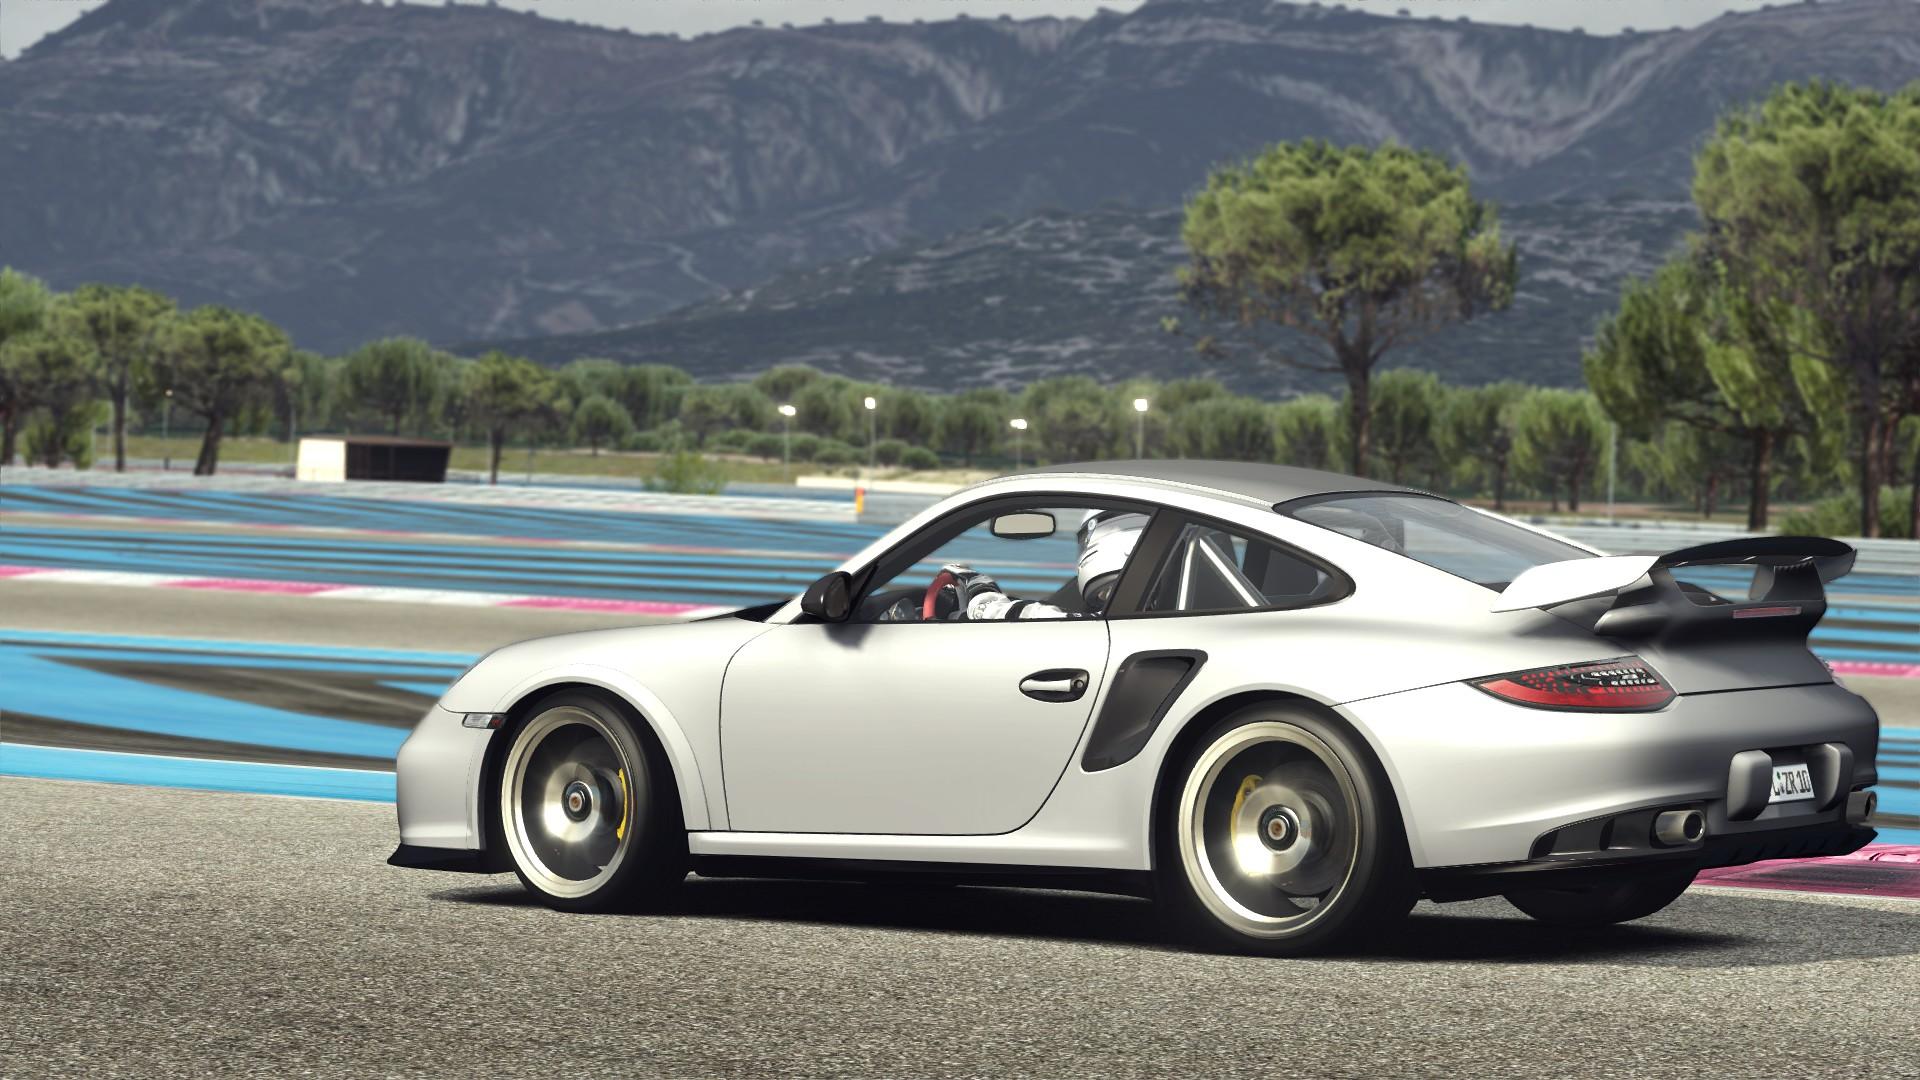 Porsche 997 GT2RS Assetto Corsa 1.14 097.jpg